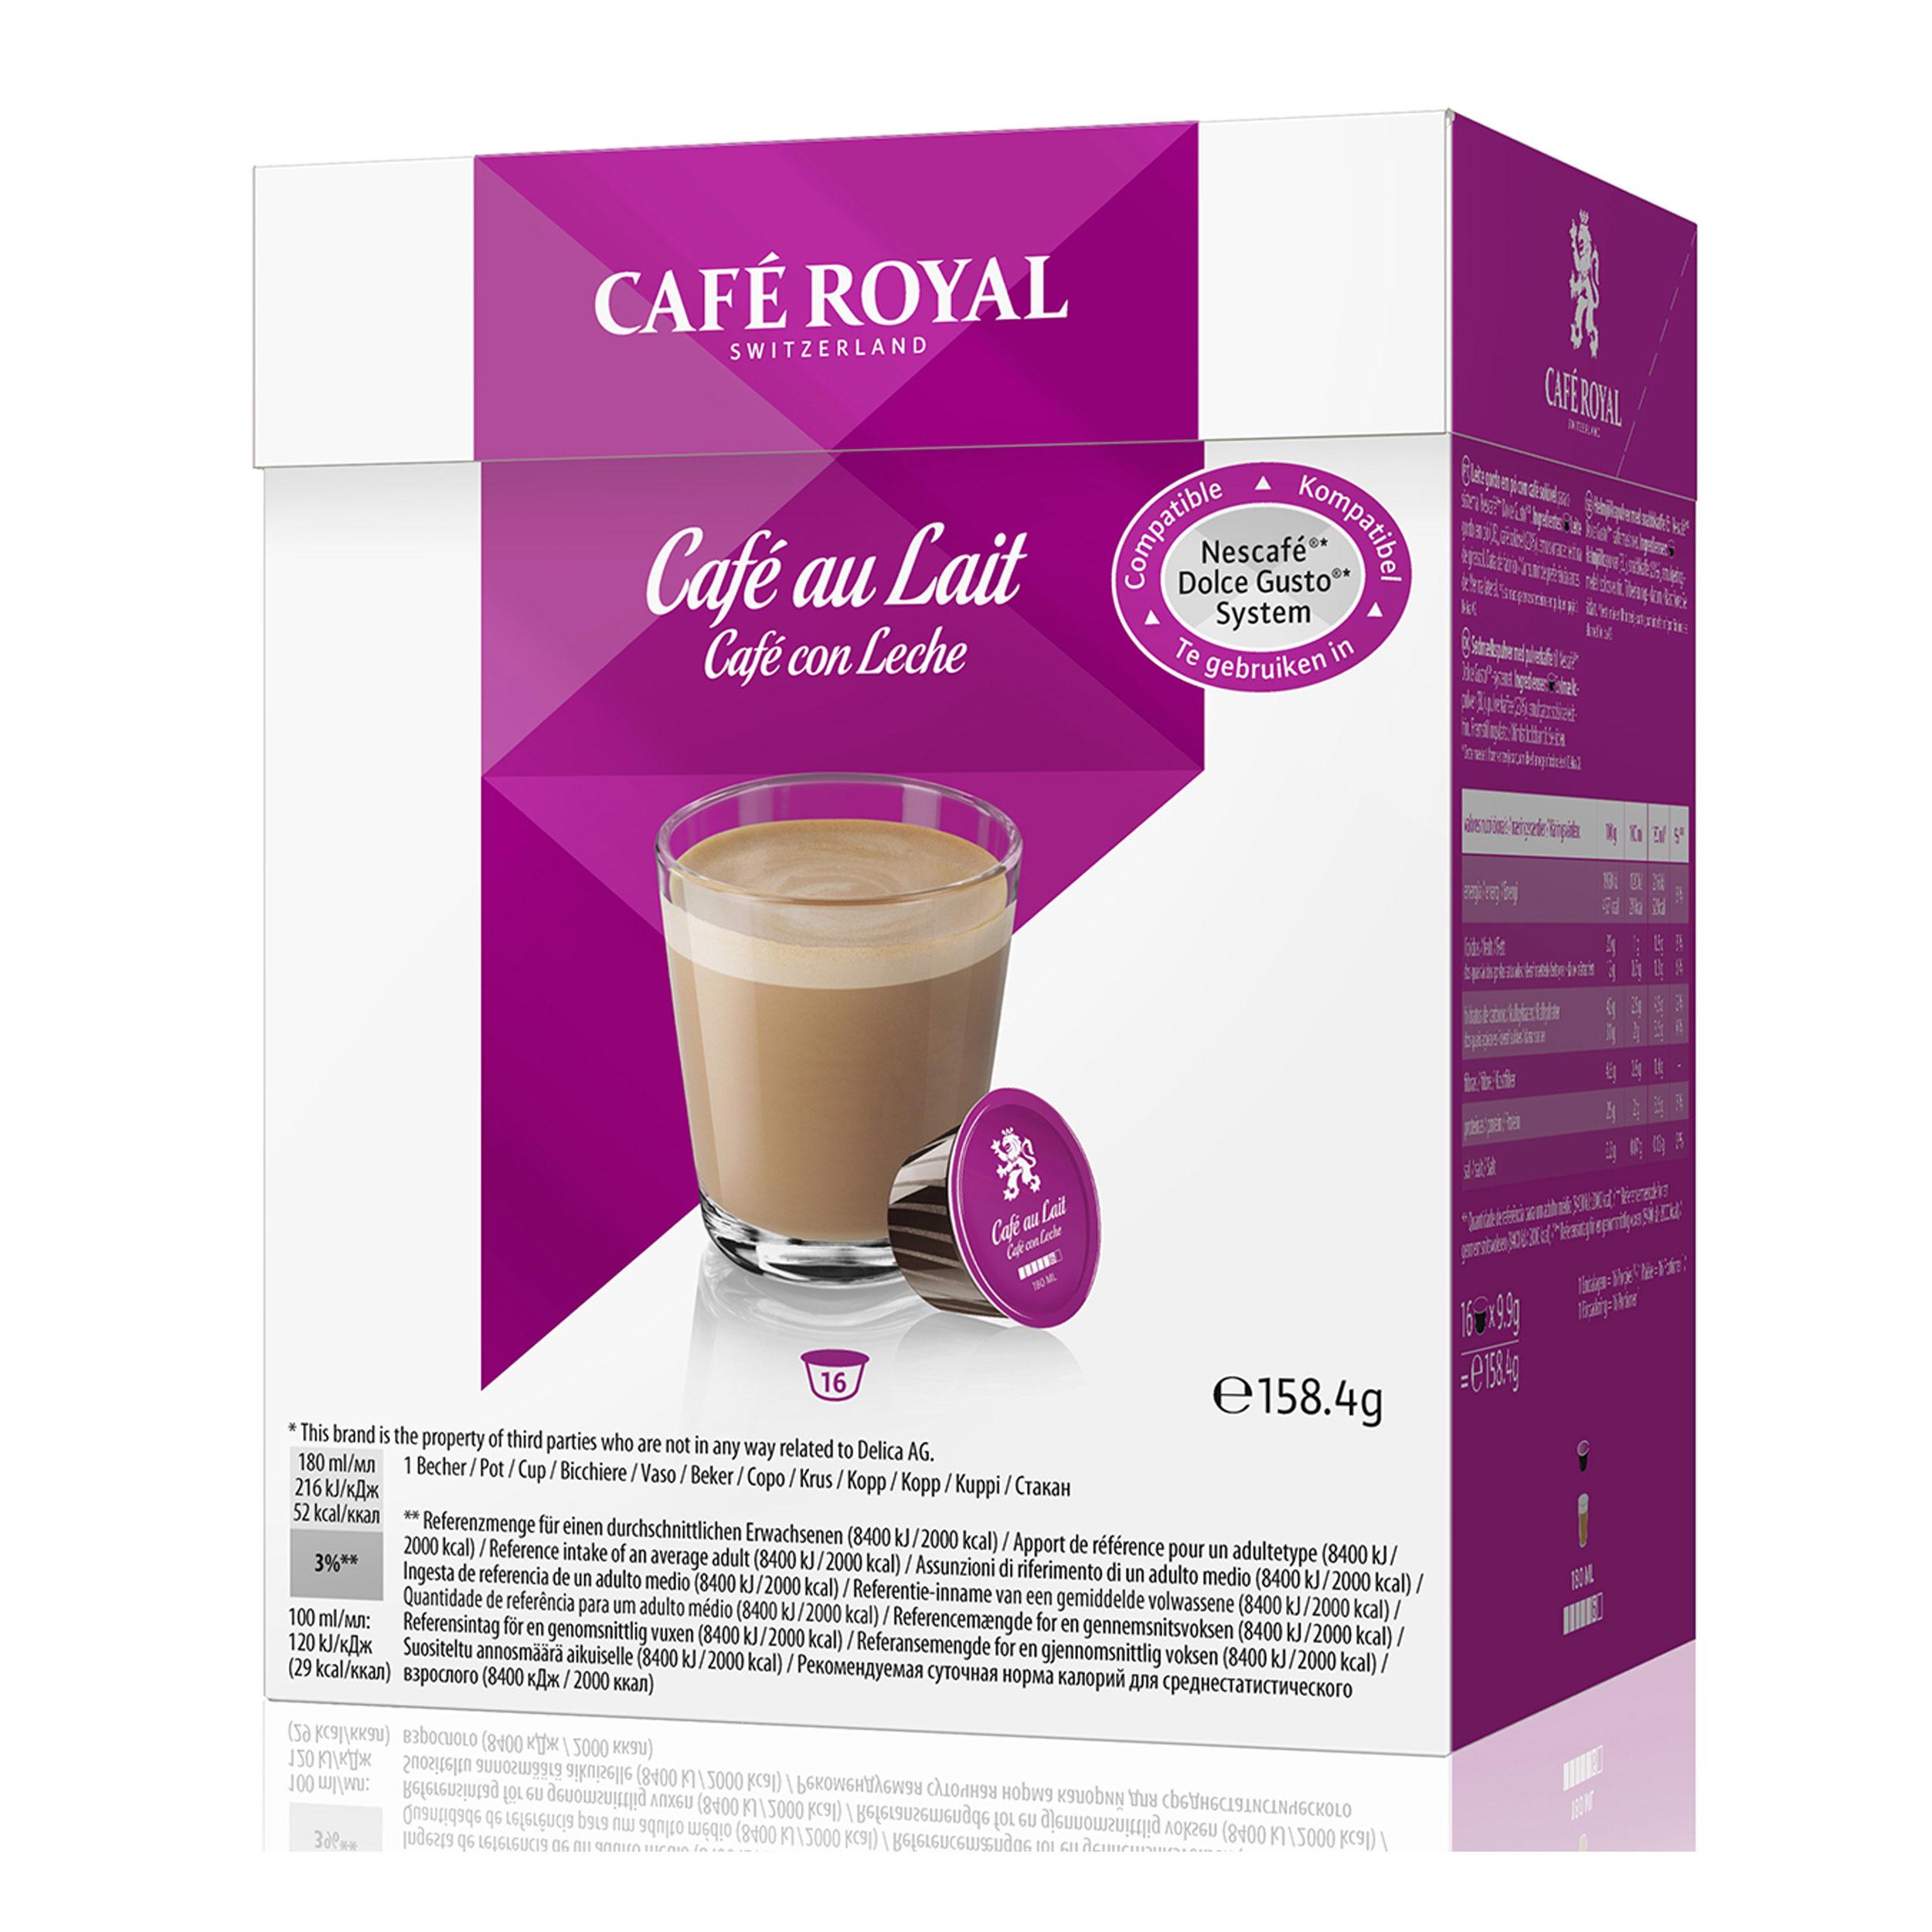 Café Royal Cafè Au Lait Set Of 6 Coffee Milk Coffee Capsules Nescafé Dolce Gusto Compatible Magenta 96 Capsules At About Tea De Shop